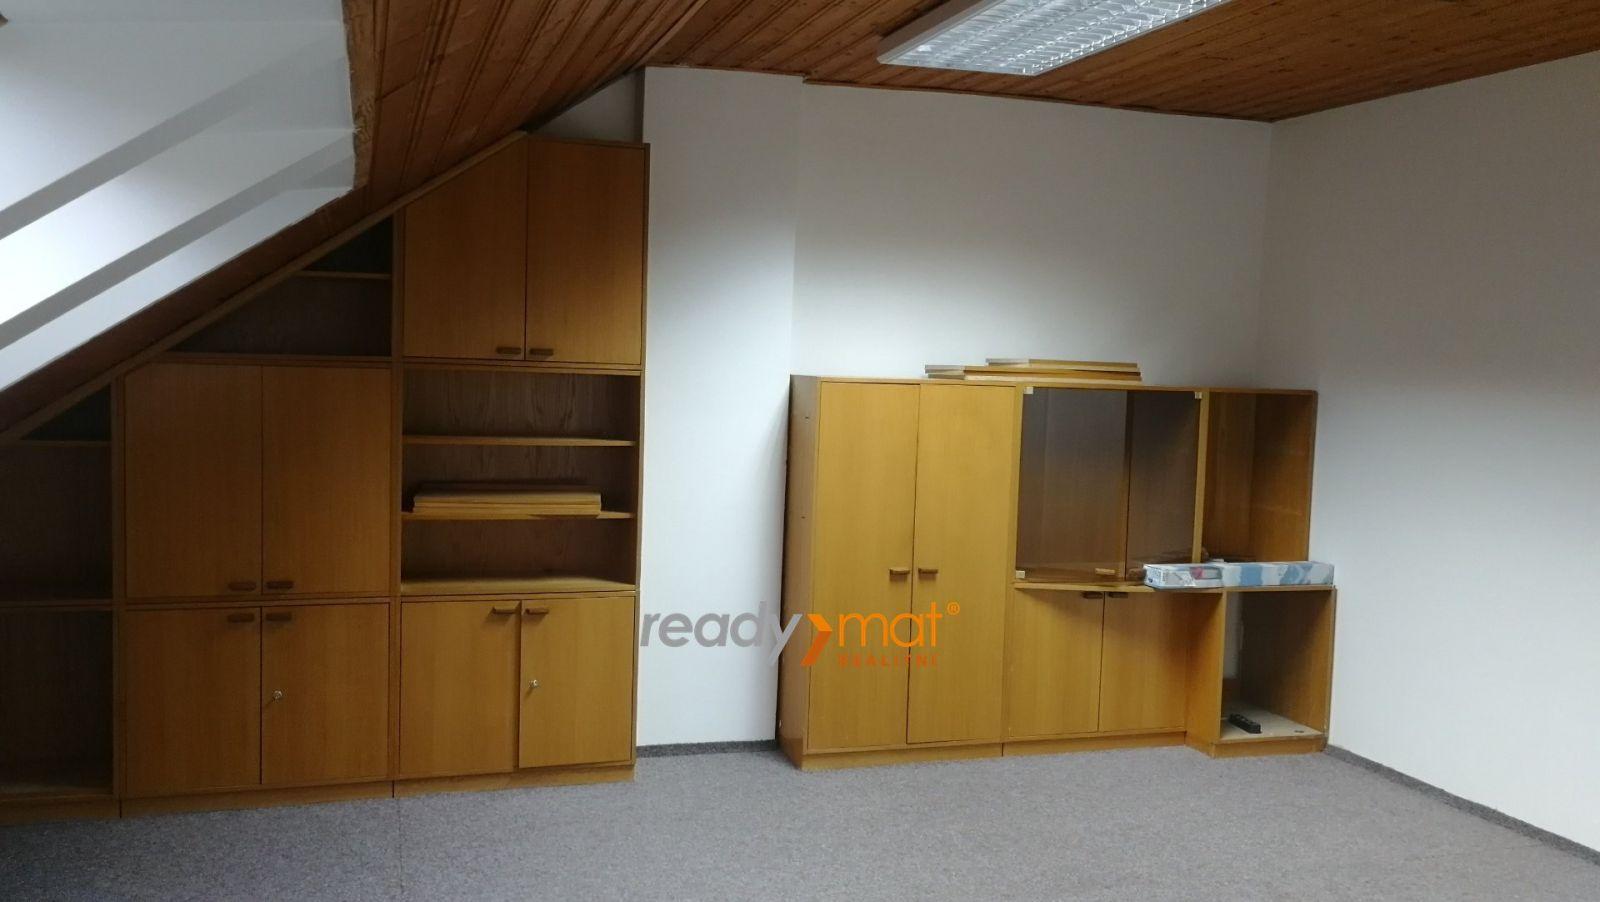 Pronájem kanceláře 52 m2 s parkováním, centrum, Hodonín